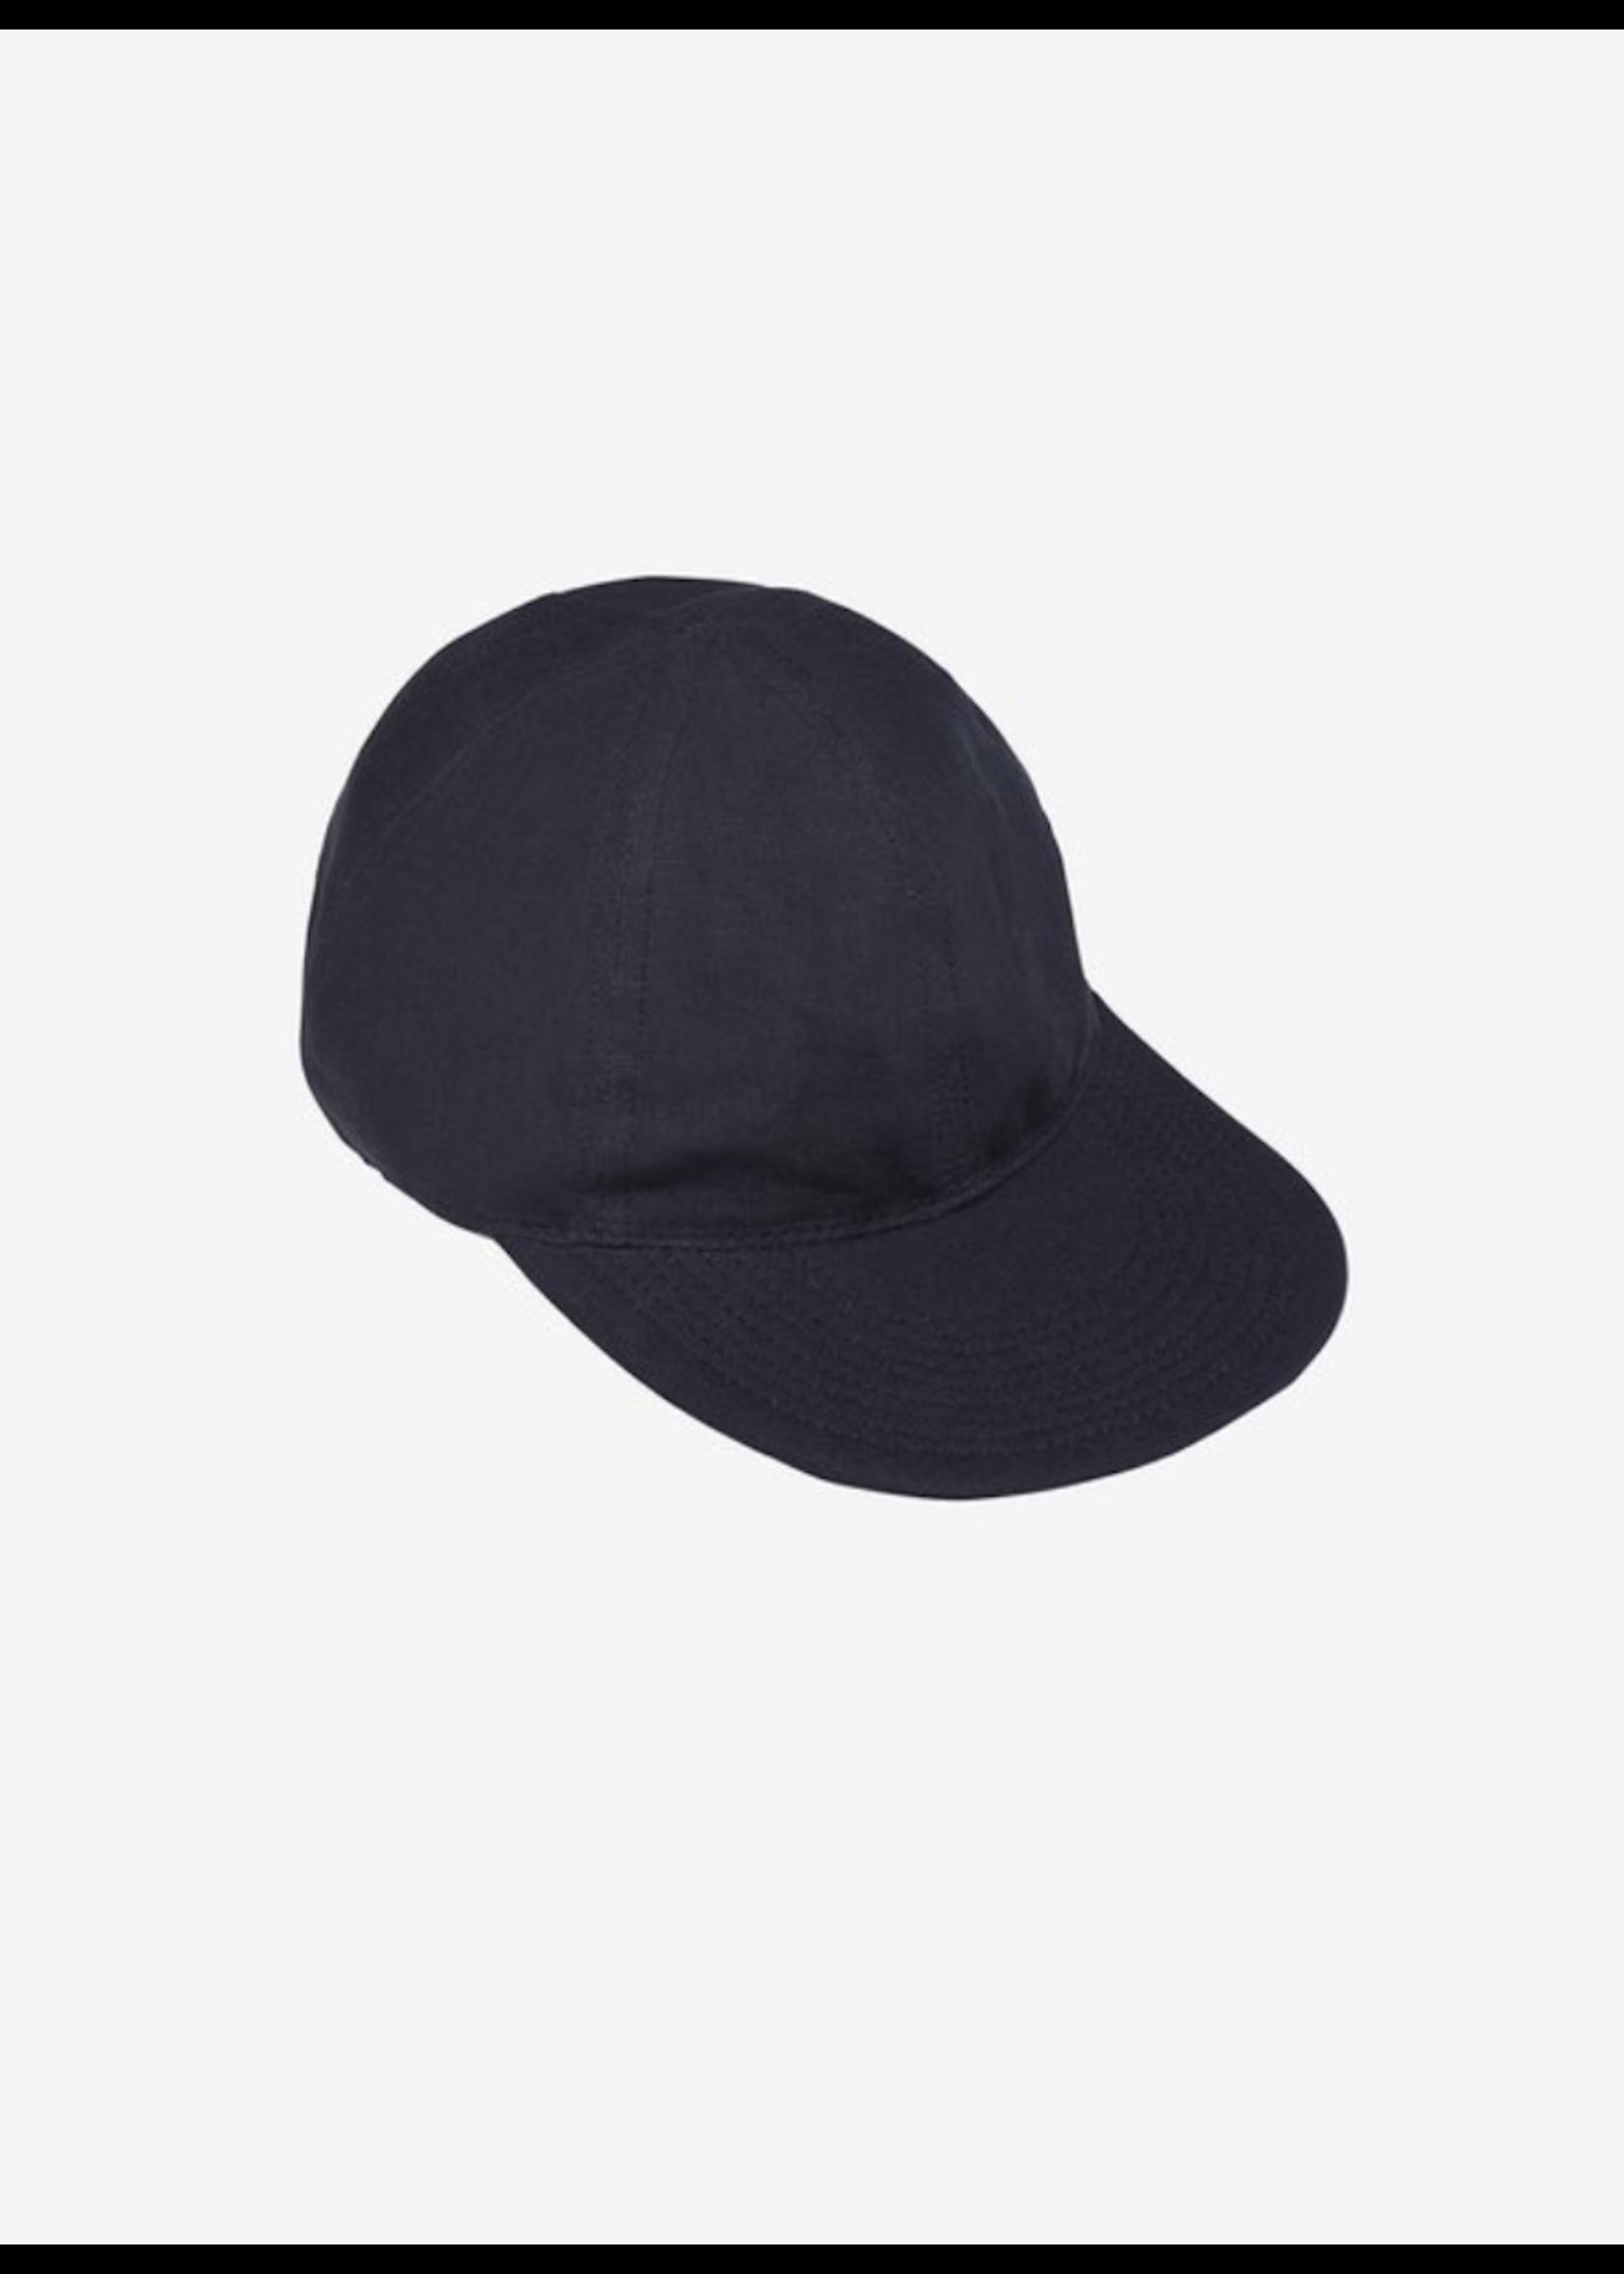 Blluemade Blluemade Navy Linen Ball Cap